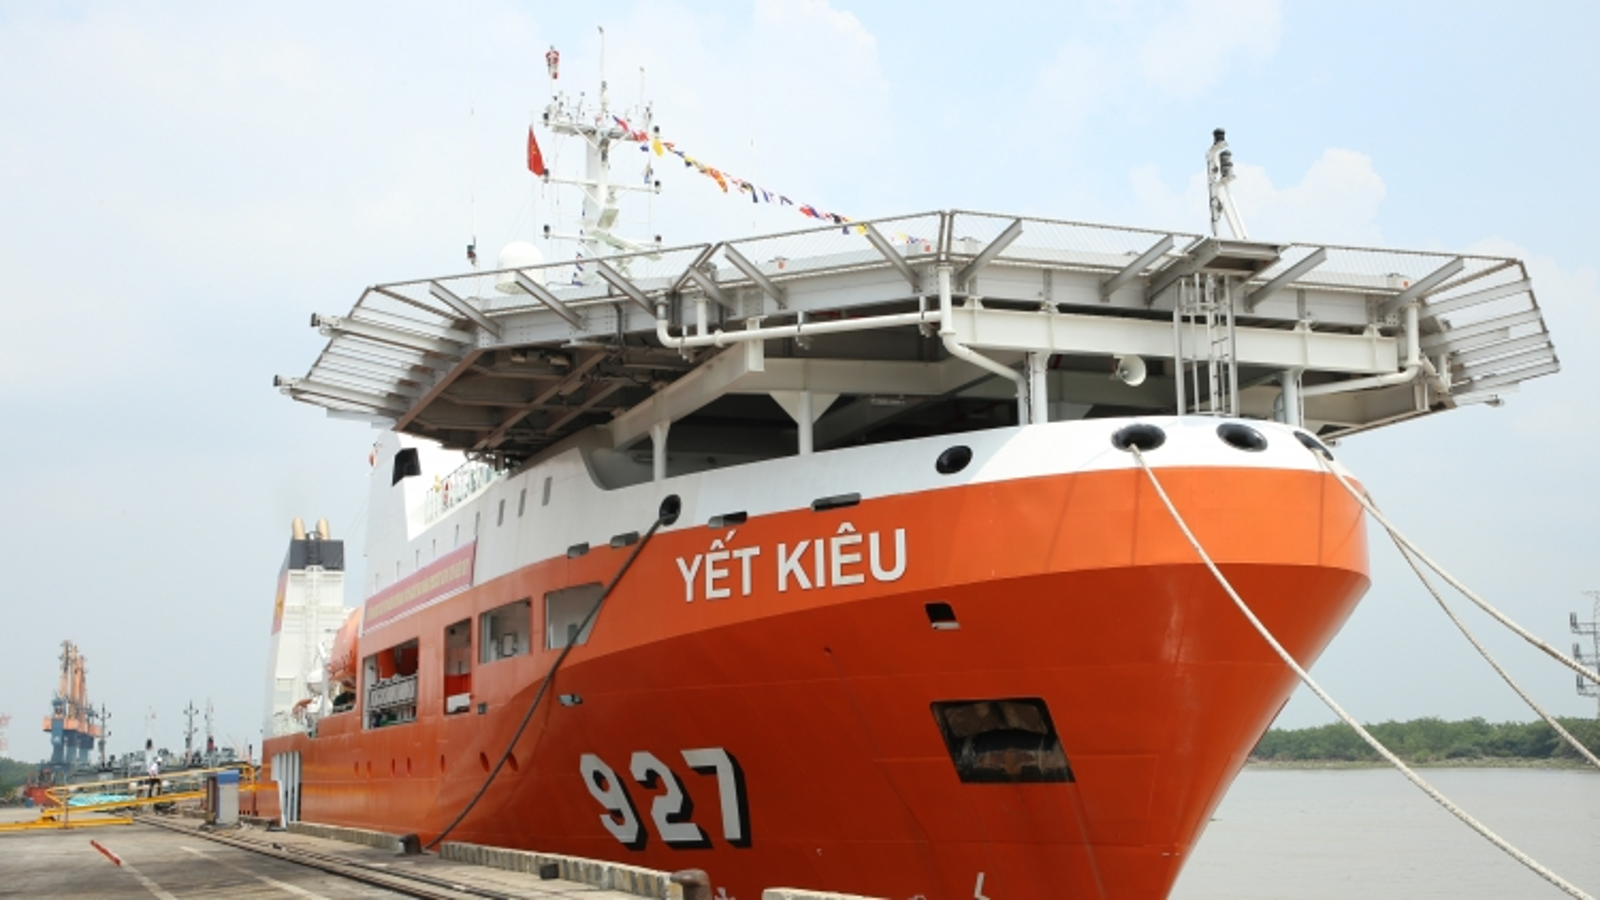 Bàn giao tàu tìm kiếm cứu nạn tàu ngầm đa năng Yết Kiêu - 927